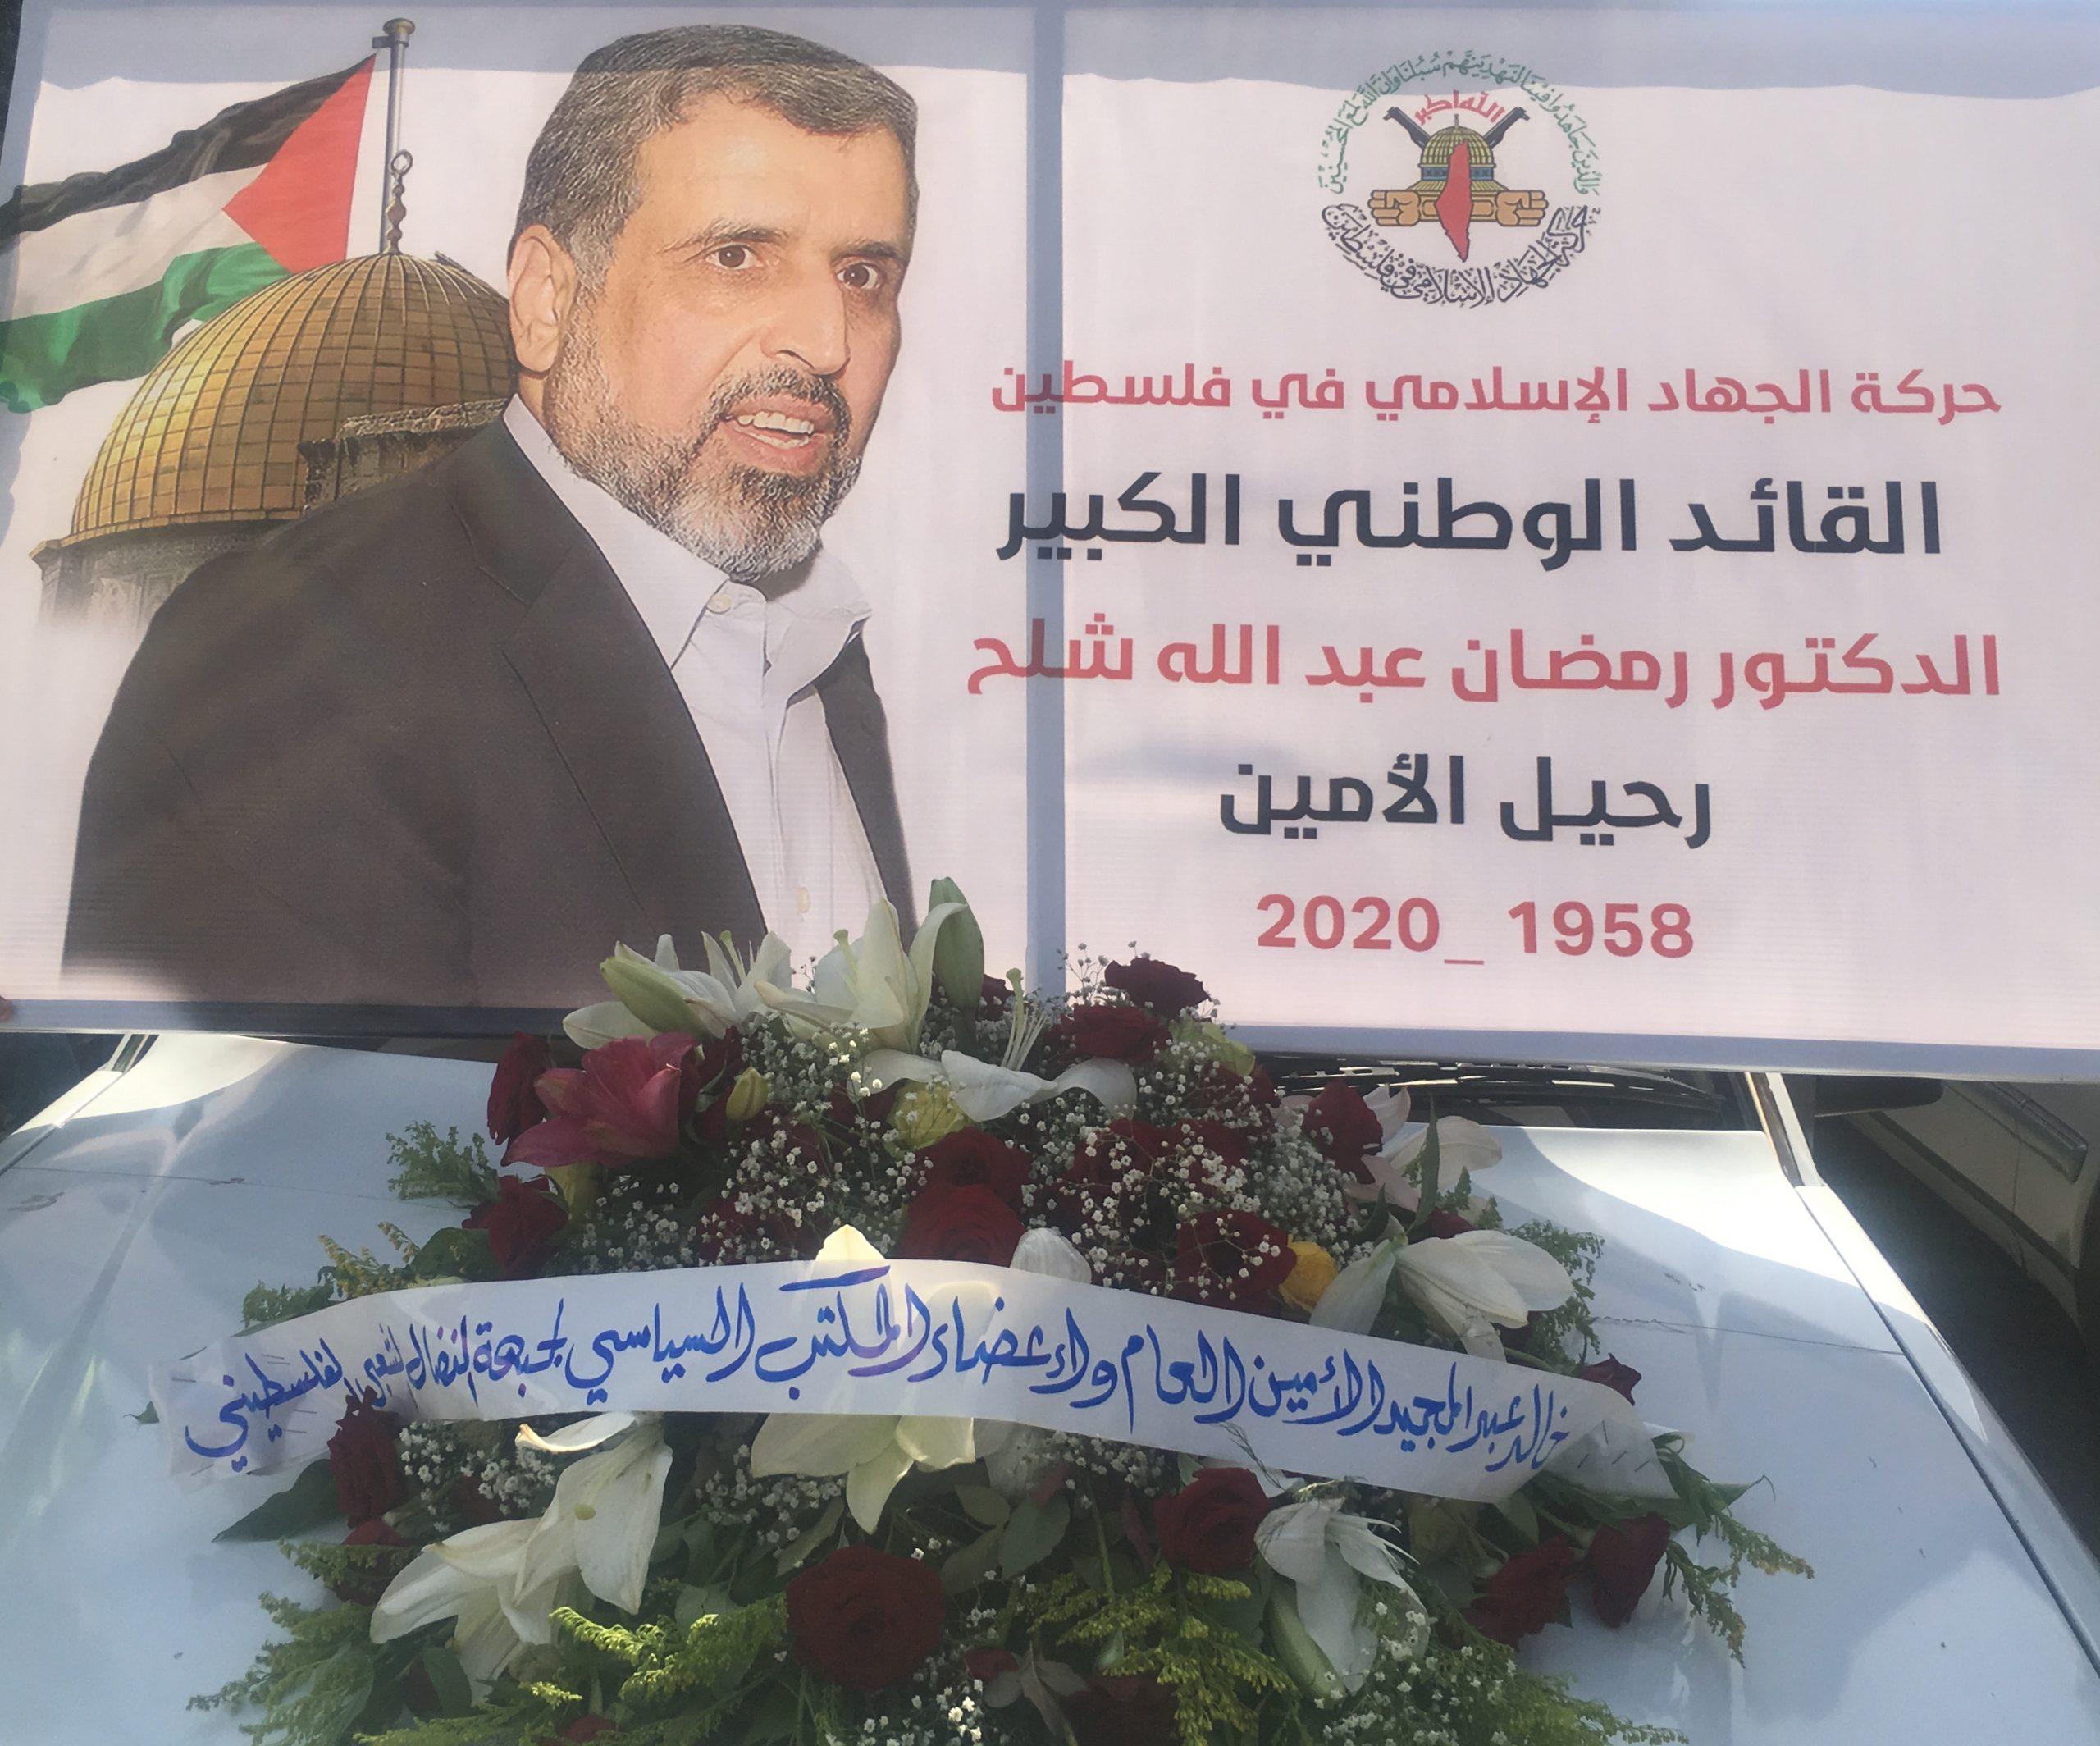 تشييع جثمان الأمين العام السابق لحركة الجهاد الإسلامي الدكتور رمضان شلح في مخيم اليرموك بدمشق